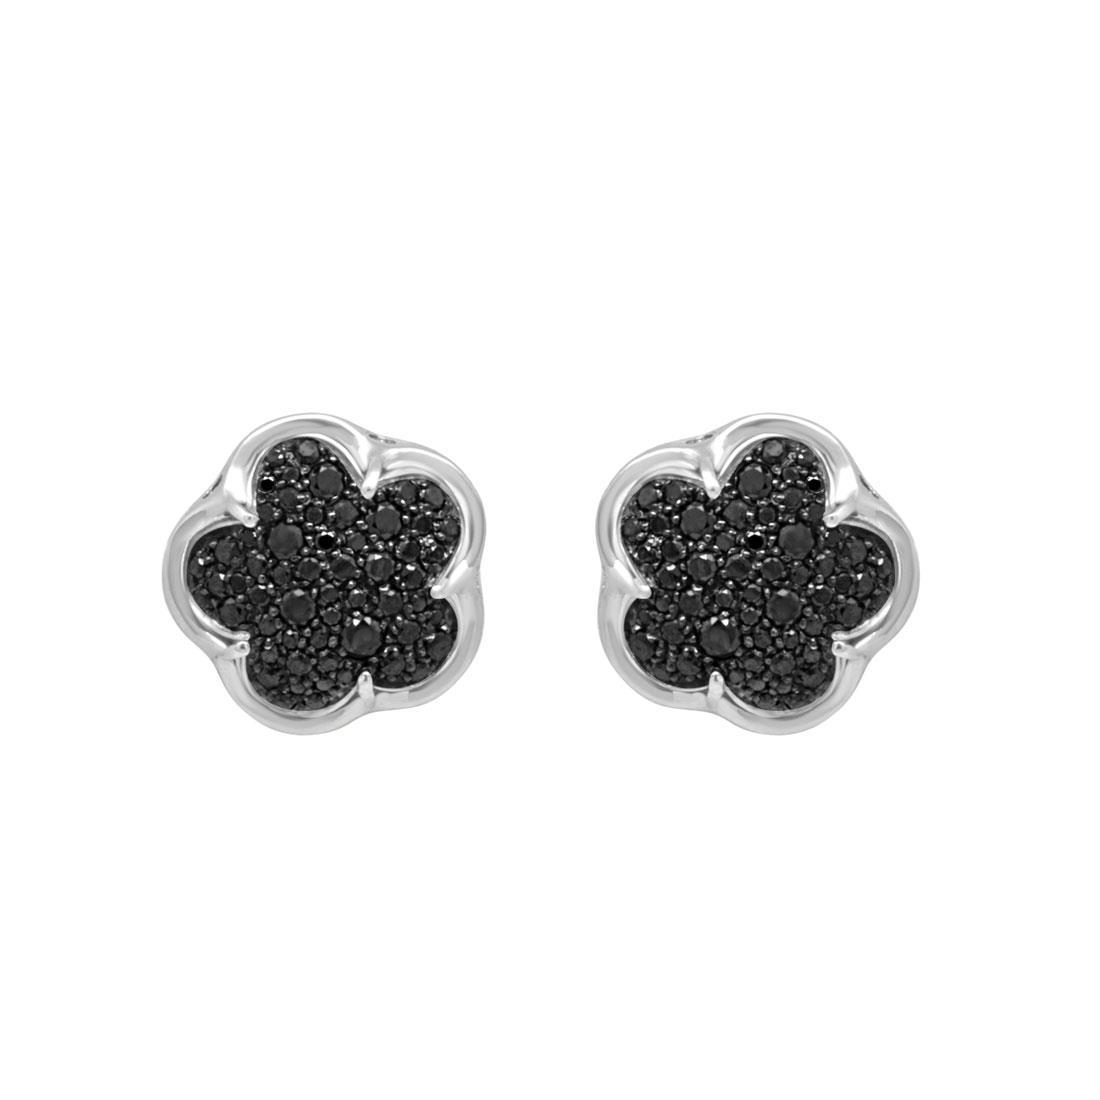 Orecchini in oro bianco e diamanti neri - PASQUALE BRUNI